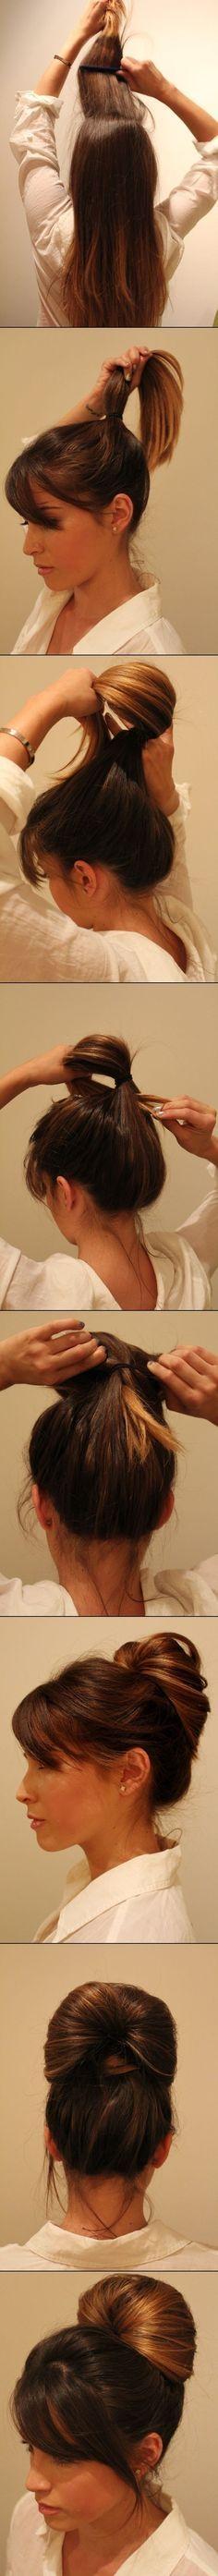 Este penteado estiloso leva apenas um minuto e parece profissional o bastante para o trabalho.